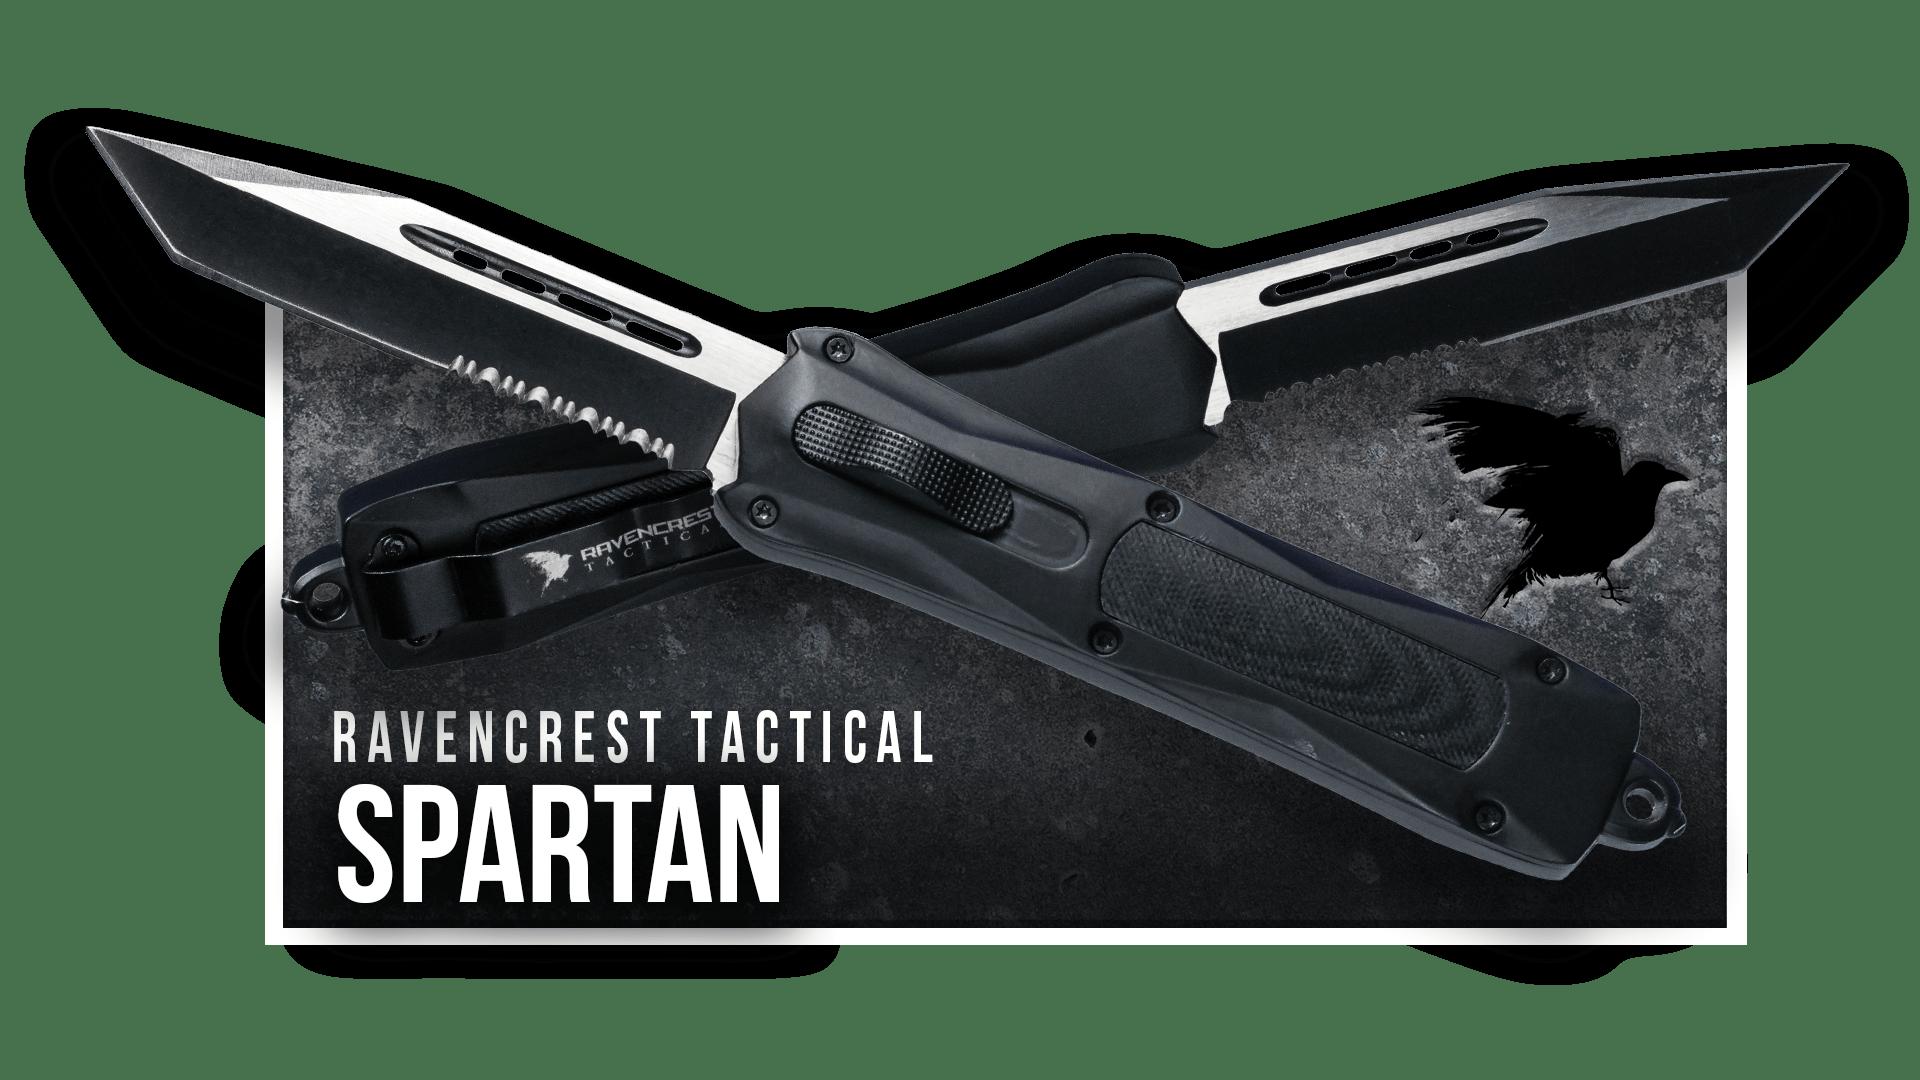 OTF Knife - Spartan - RavenCrest Tactical